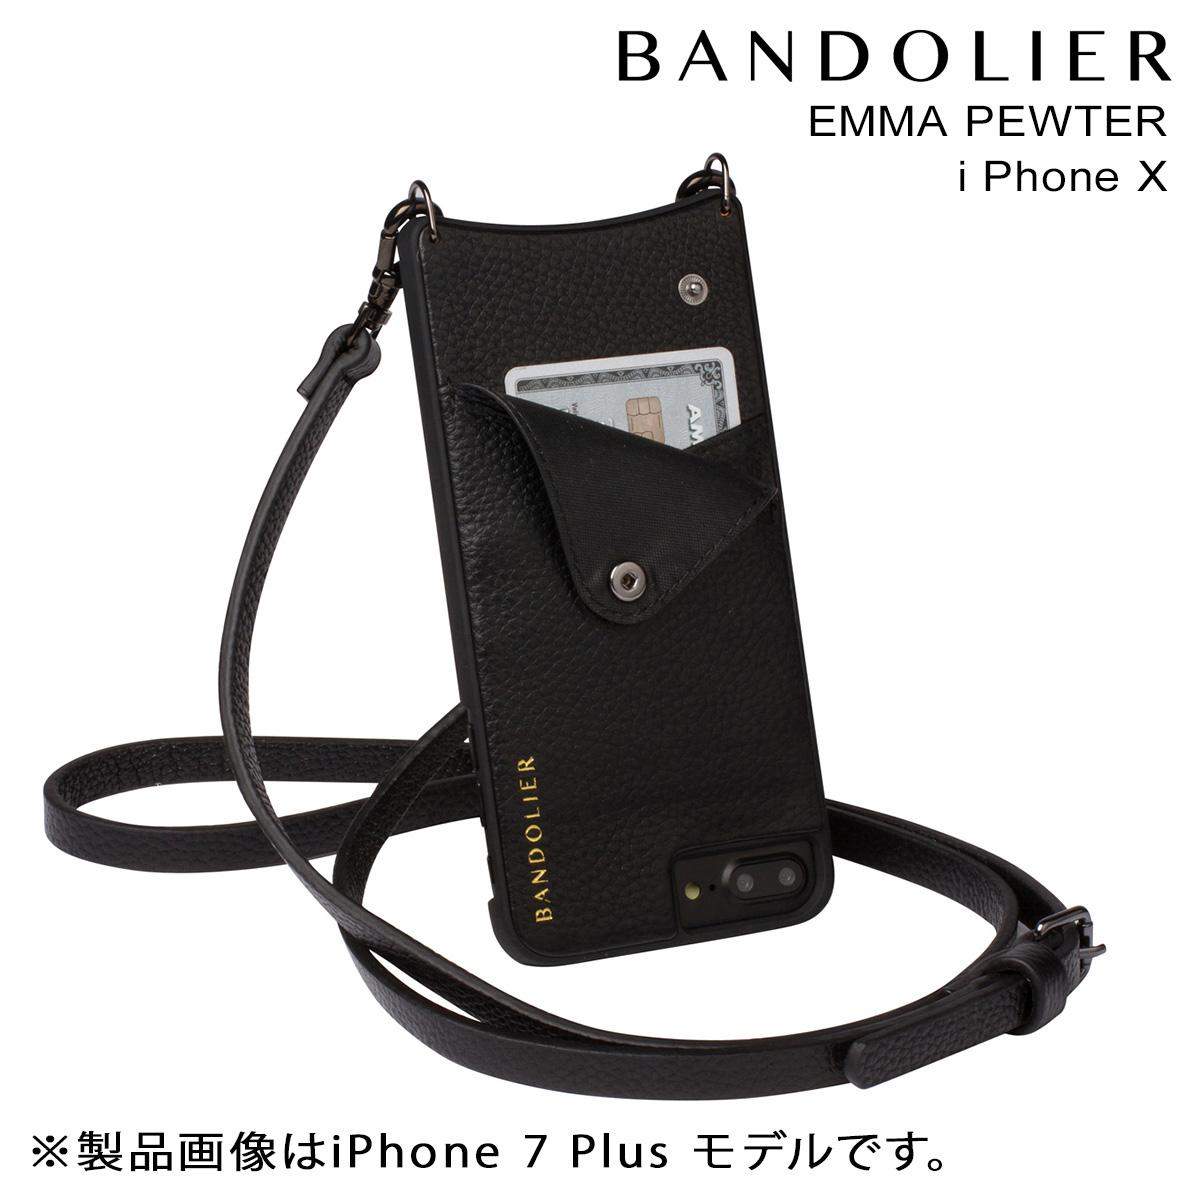 BANDOLIER メンズ EMMA レザー PEWTER バンドリヤー iPhoneX ケース スマホ アイフォン iPhoneX レザー メンズ レディース [191], タルミク:0190c67f --- finfoundation.org